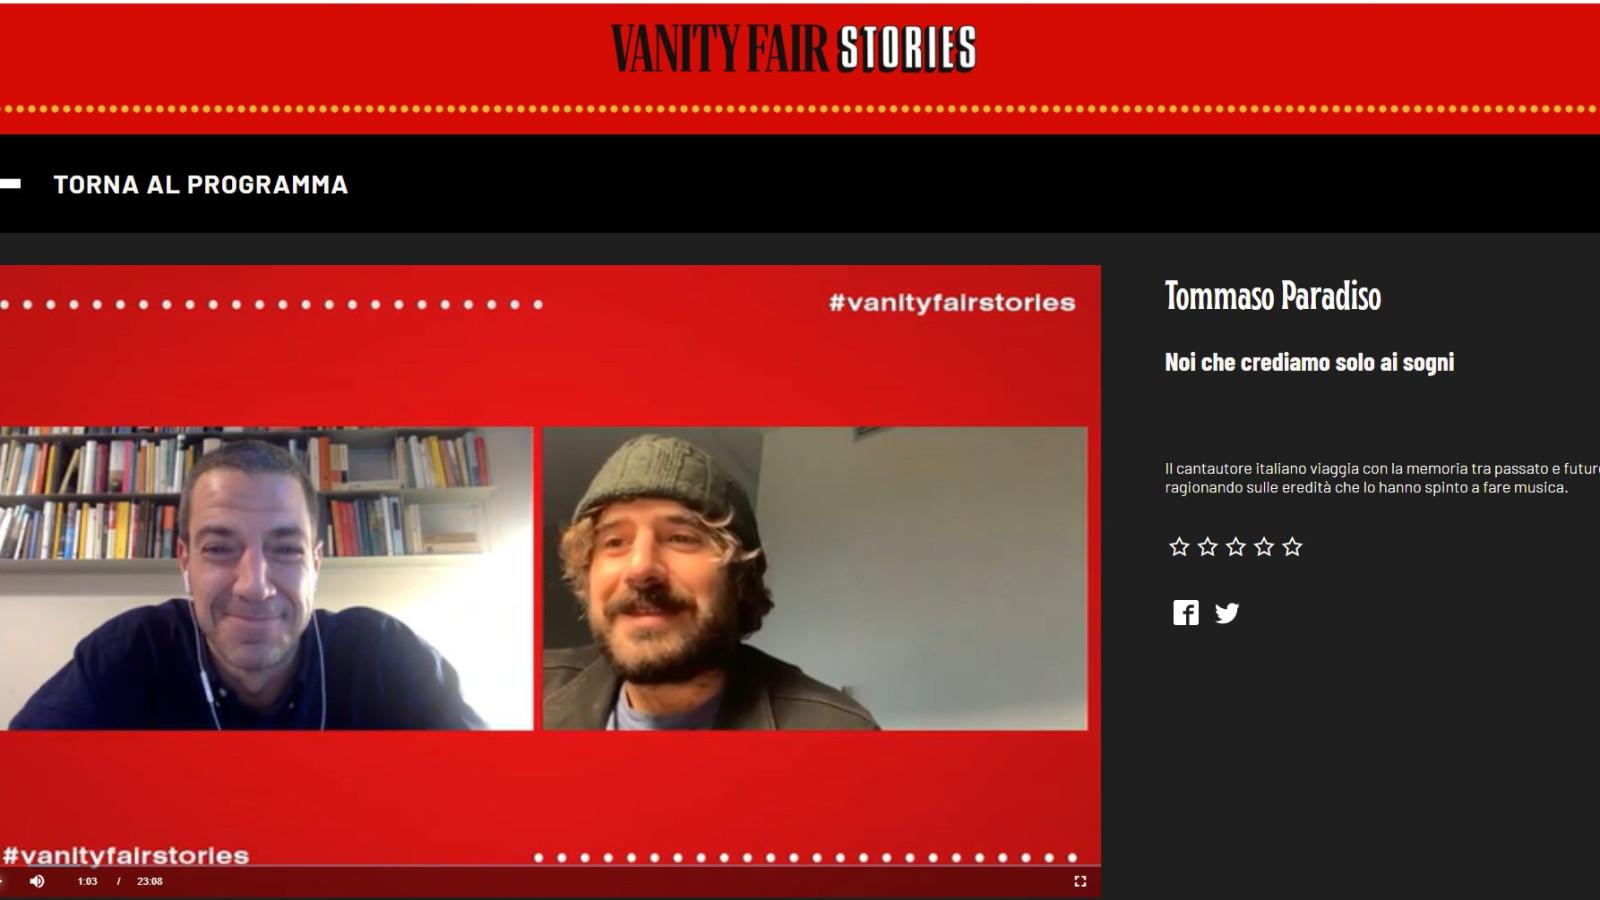 TOMMASO PARADISO SPEACH - Benedetta Malavasi - Italy - Vanity Fair Stories